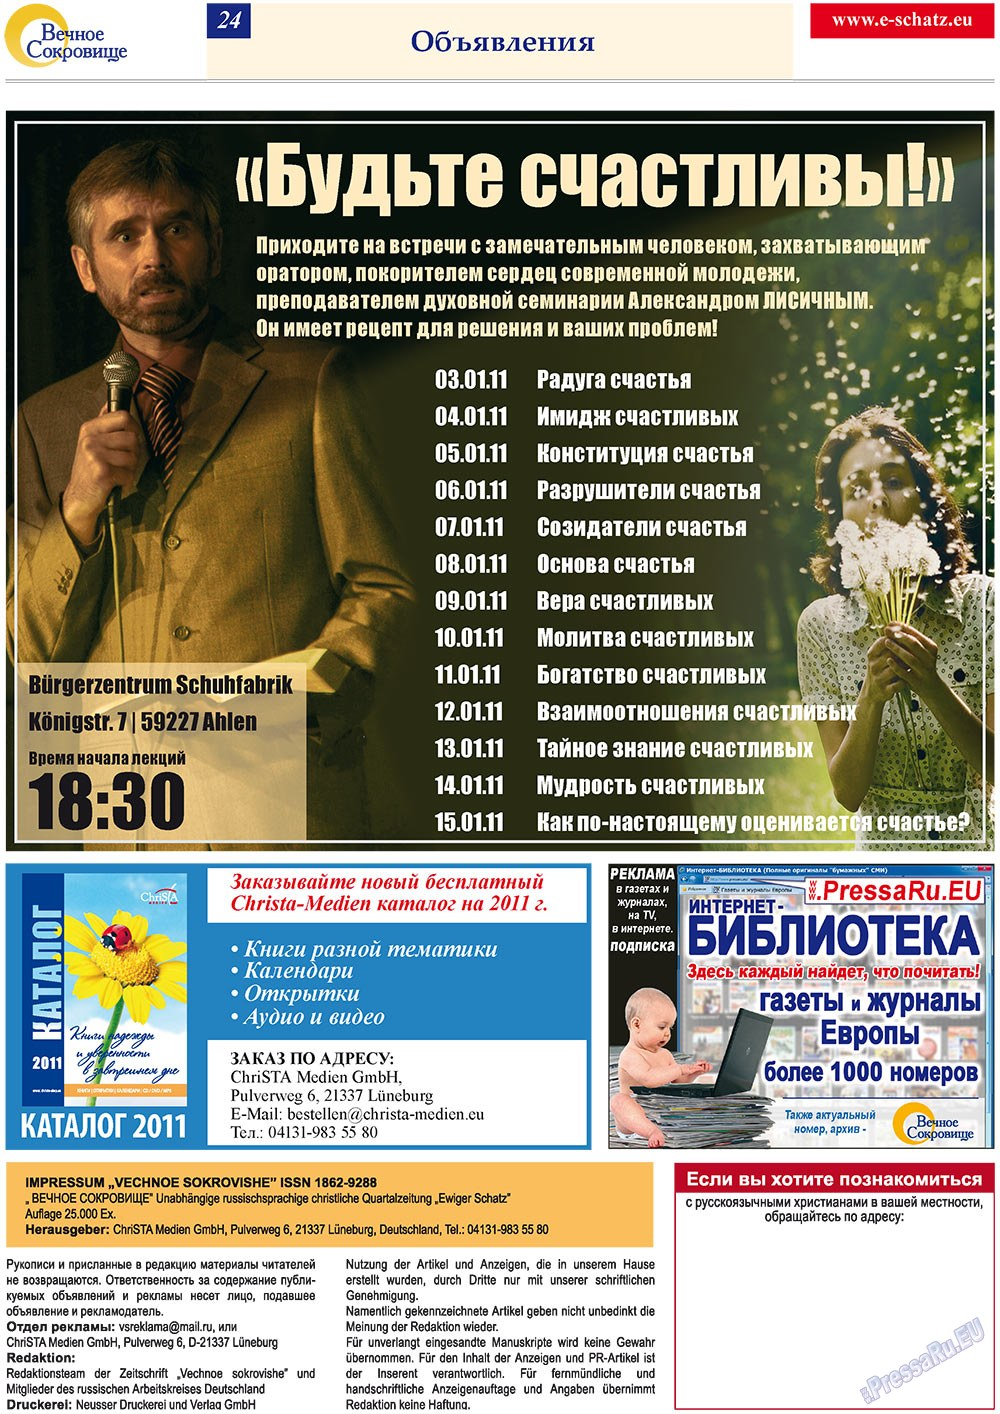 Вечное сокровище (газета). 2010 год, номер 4, стр. 24